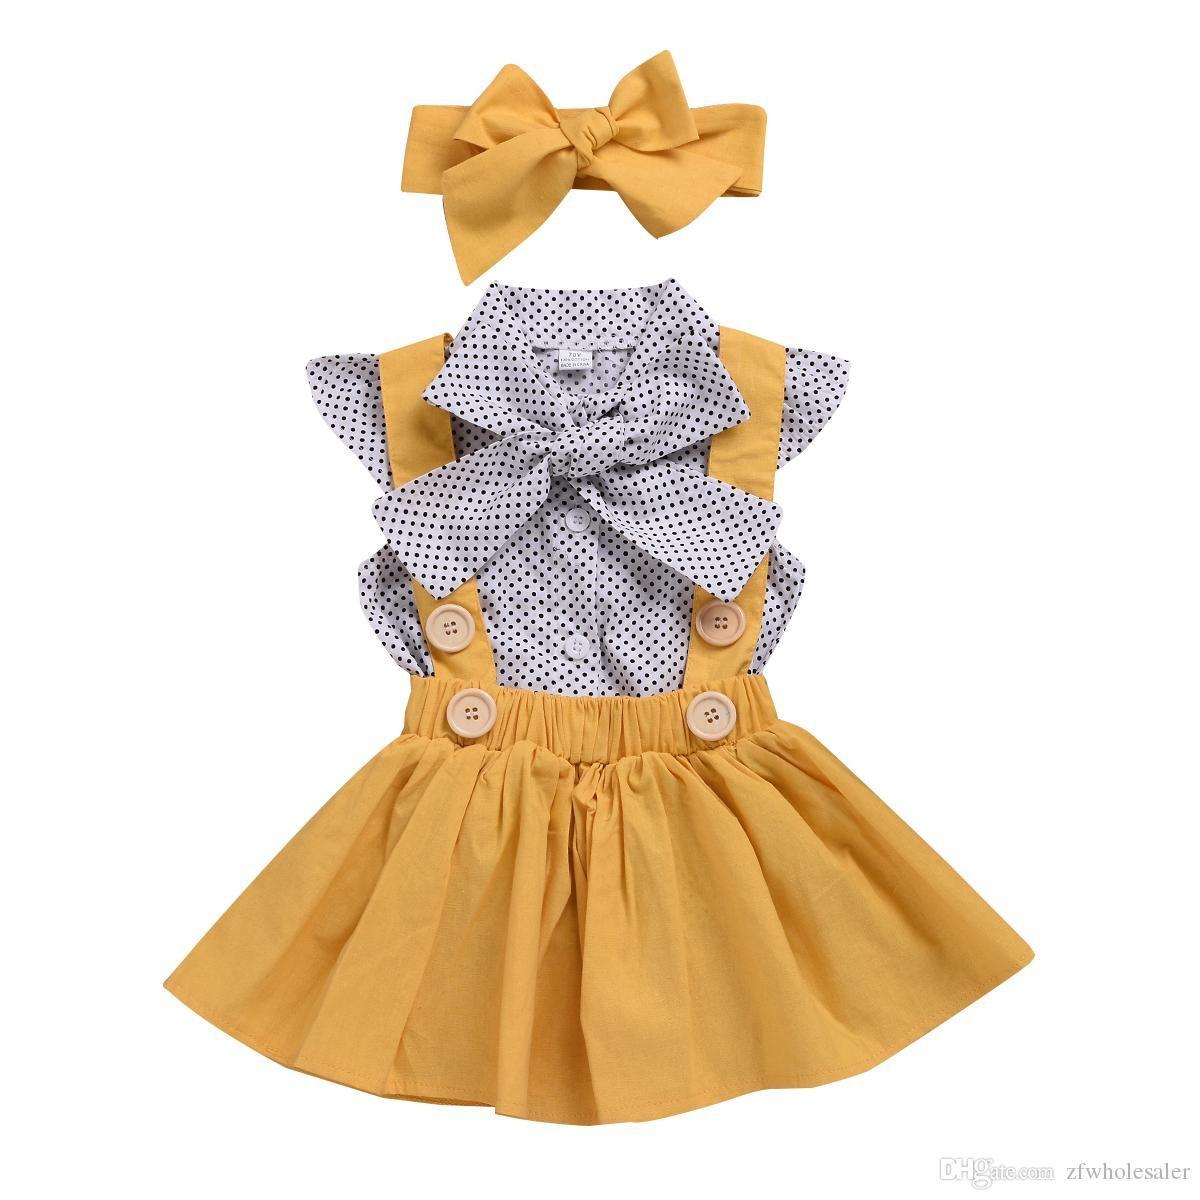 Küçük kız resmi elbise çocuklar tasarımcı kıyafetleri kız bebek kız Düğün Elbise çocuklar lüks tasarımcı giysi kızlar Giyim Kostüm